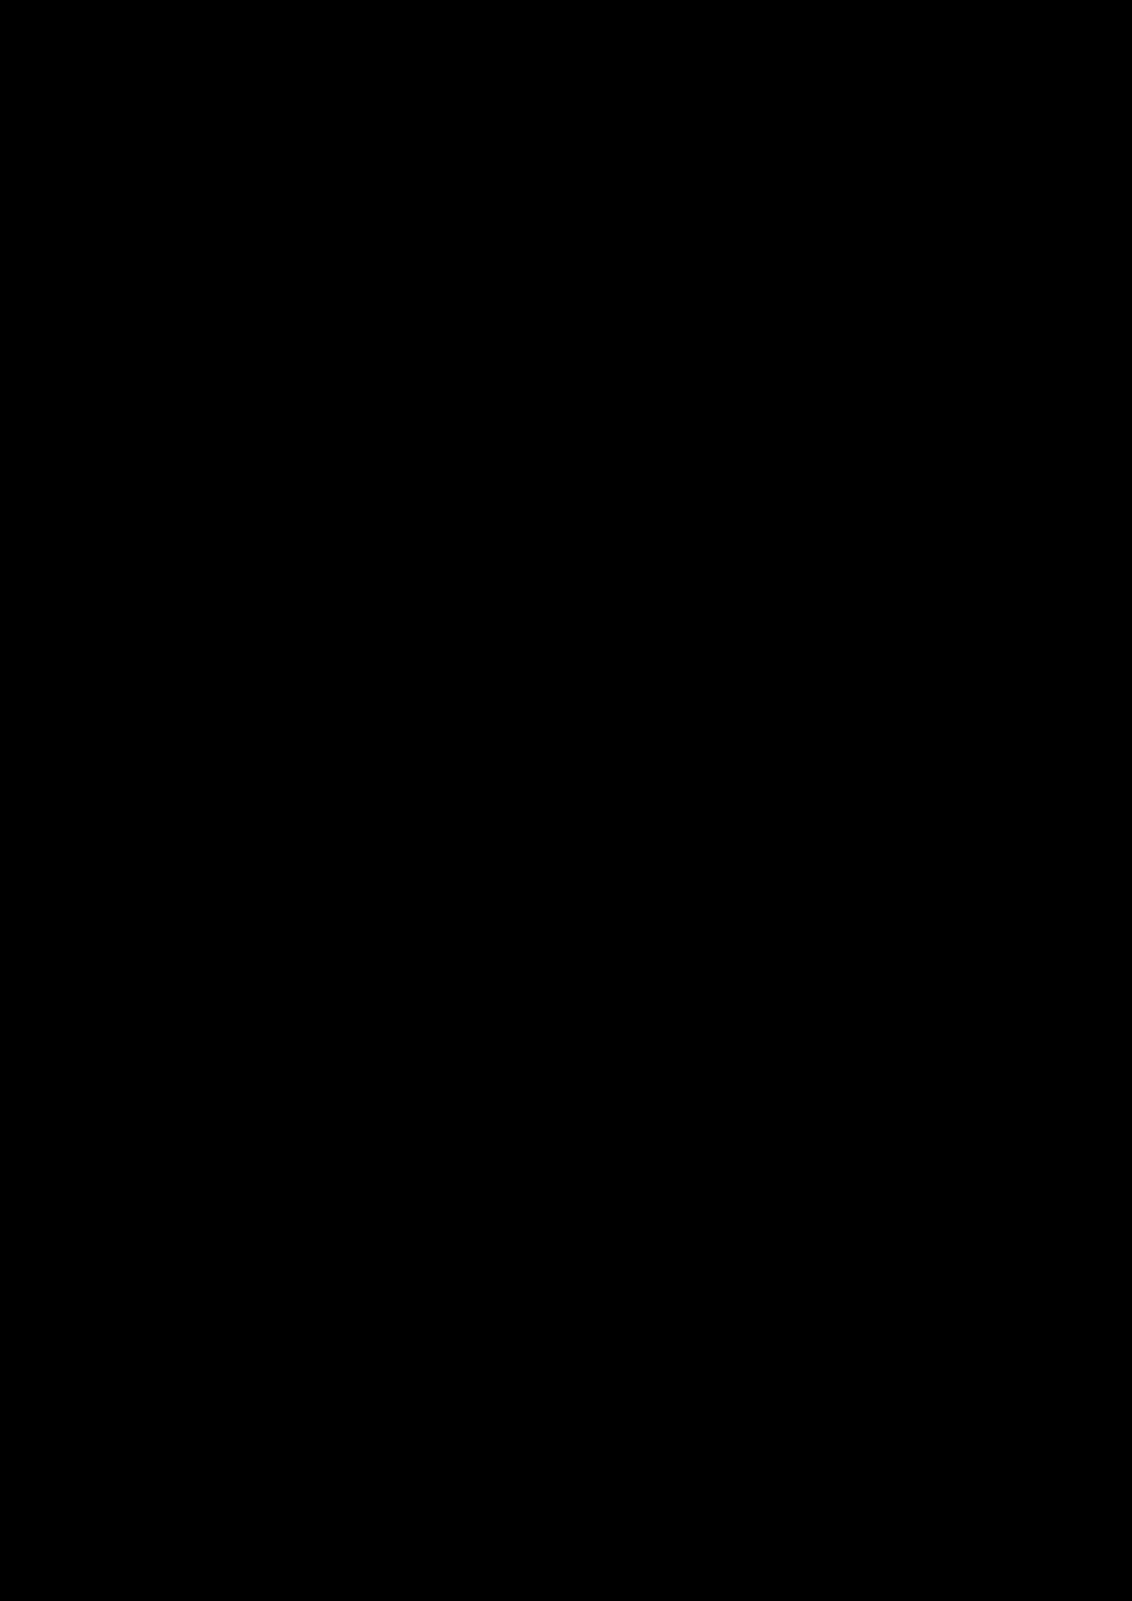 Osobyiy Rezon slide, Image 18